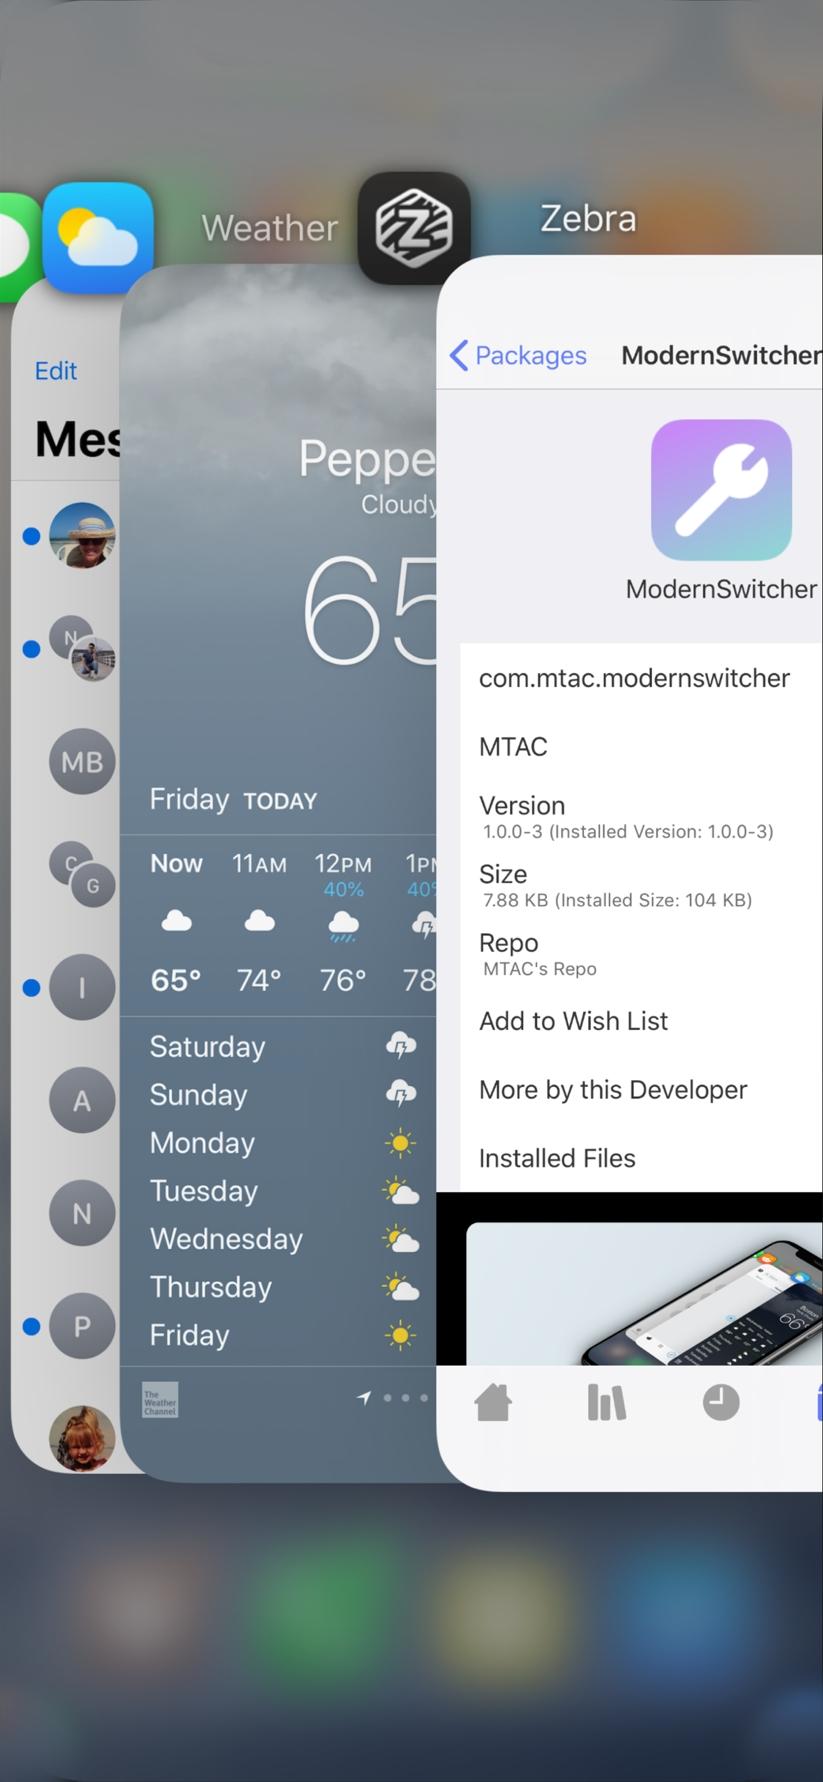 Download ModernSwitcher 1.0.0-3